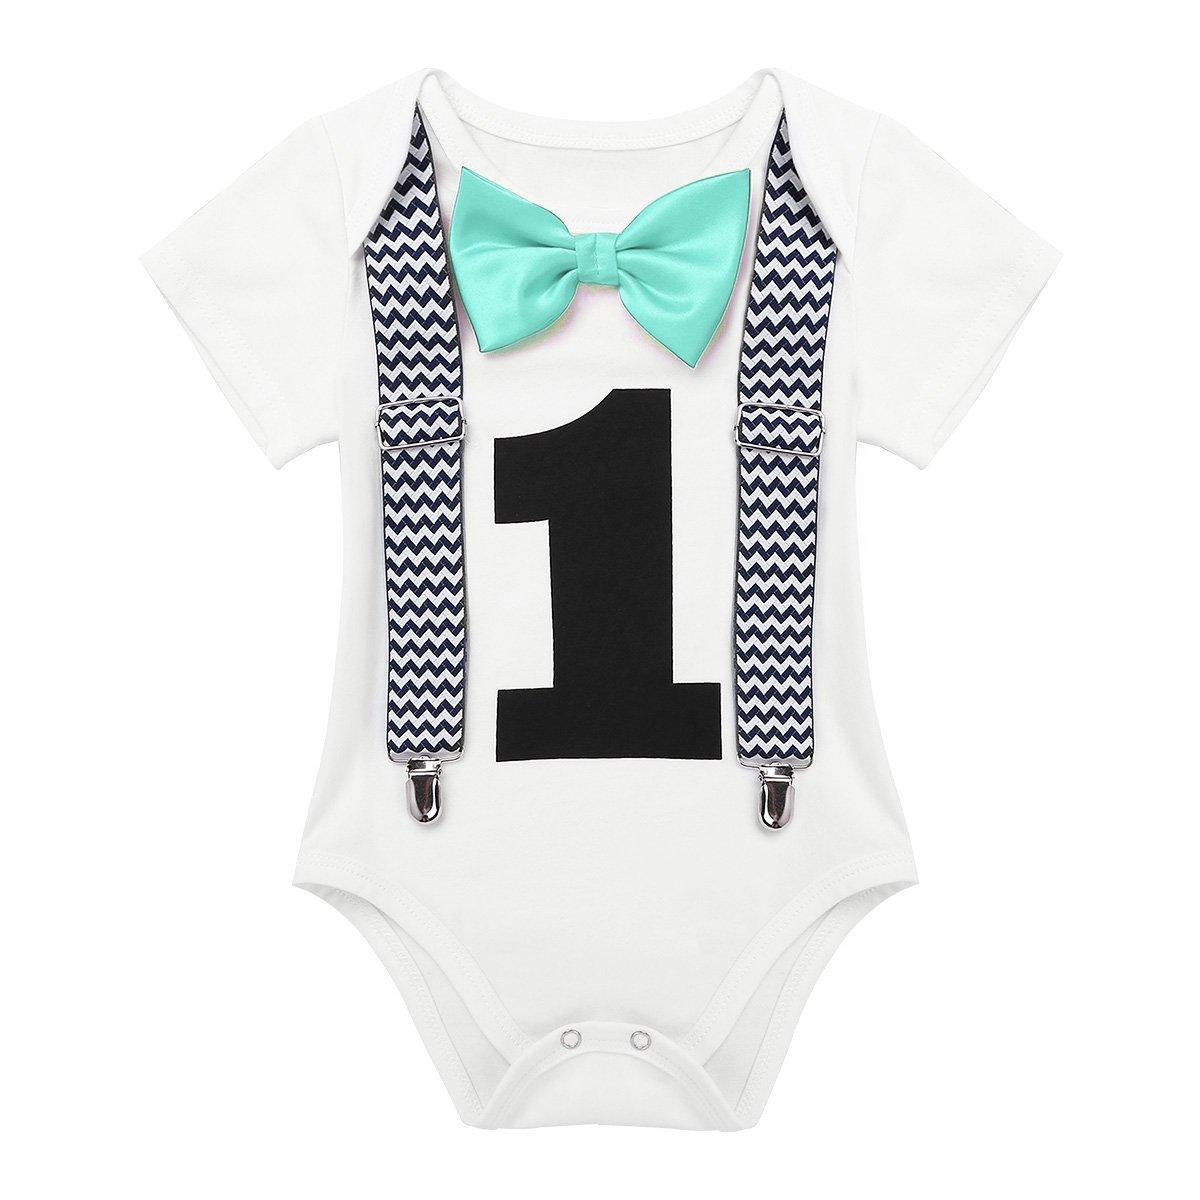 YiZYiF Babykleidung Baby Jungen Spielanzug Top Hosen 1. Geburtstag/Weihnachten Body Overall mit Fliege für 12-24 Monate